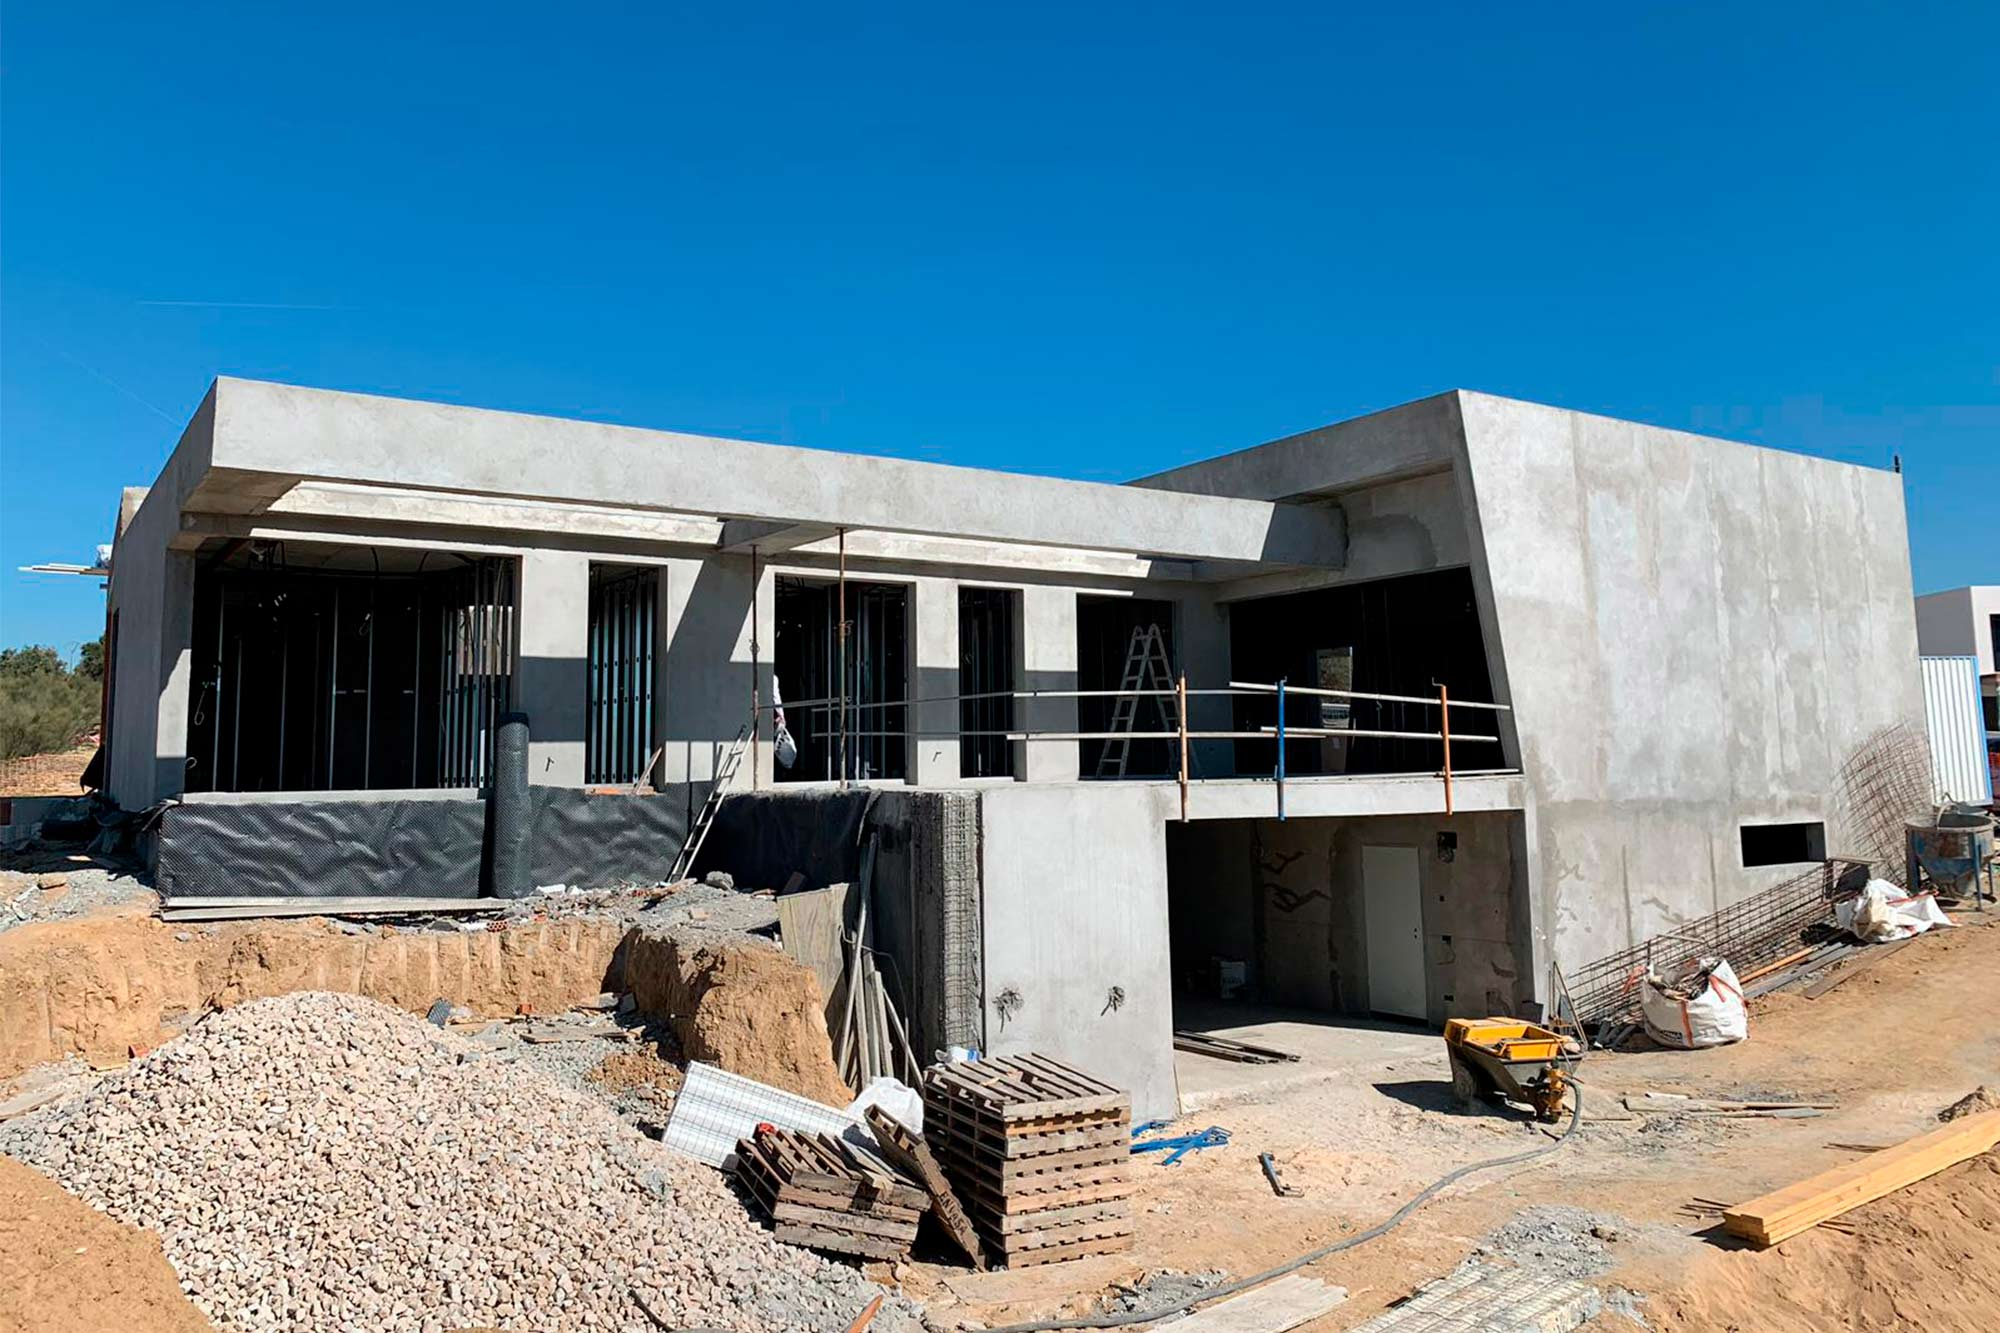 Casa-EC_-Unifamiliar_-Arquitectura-_-EXarchitects_14